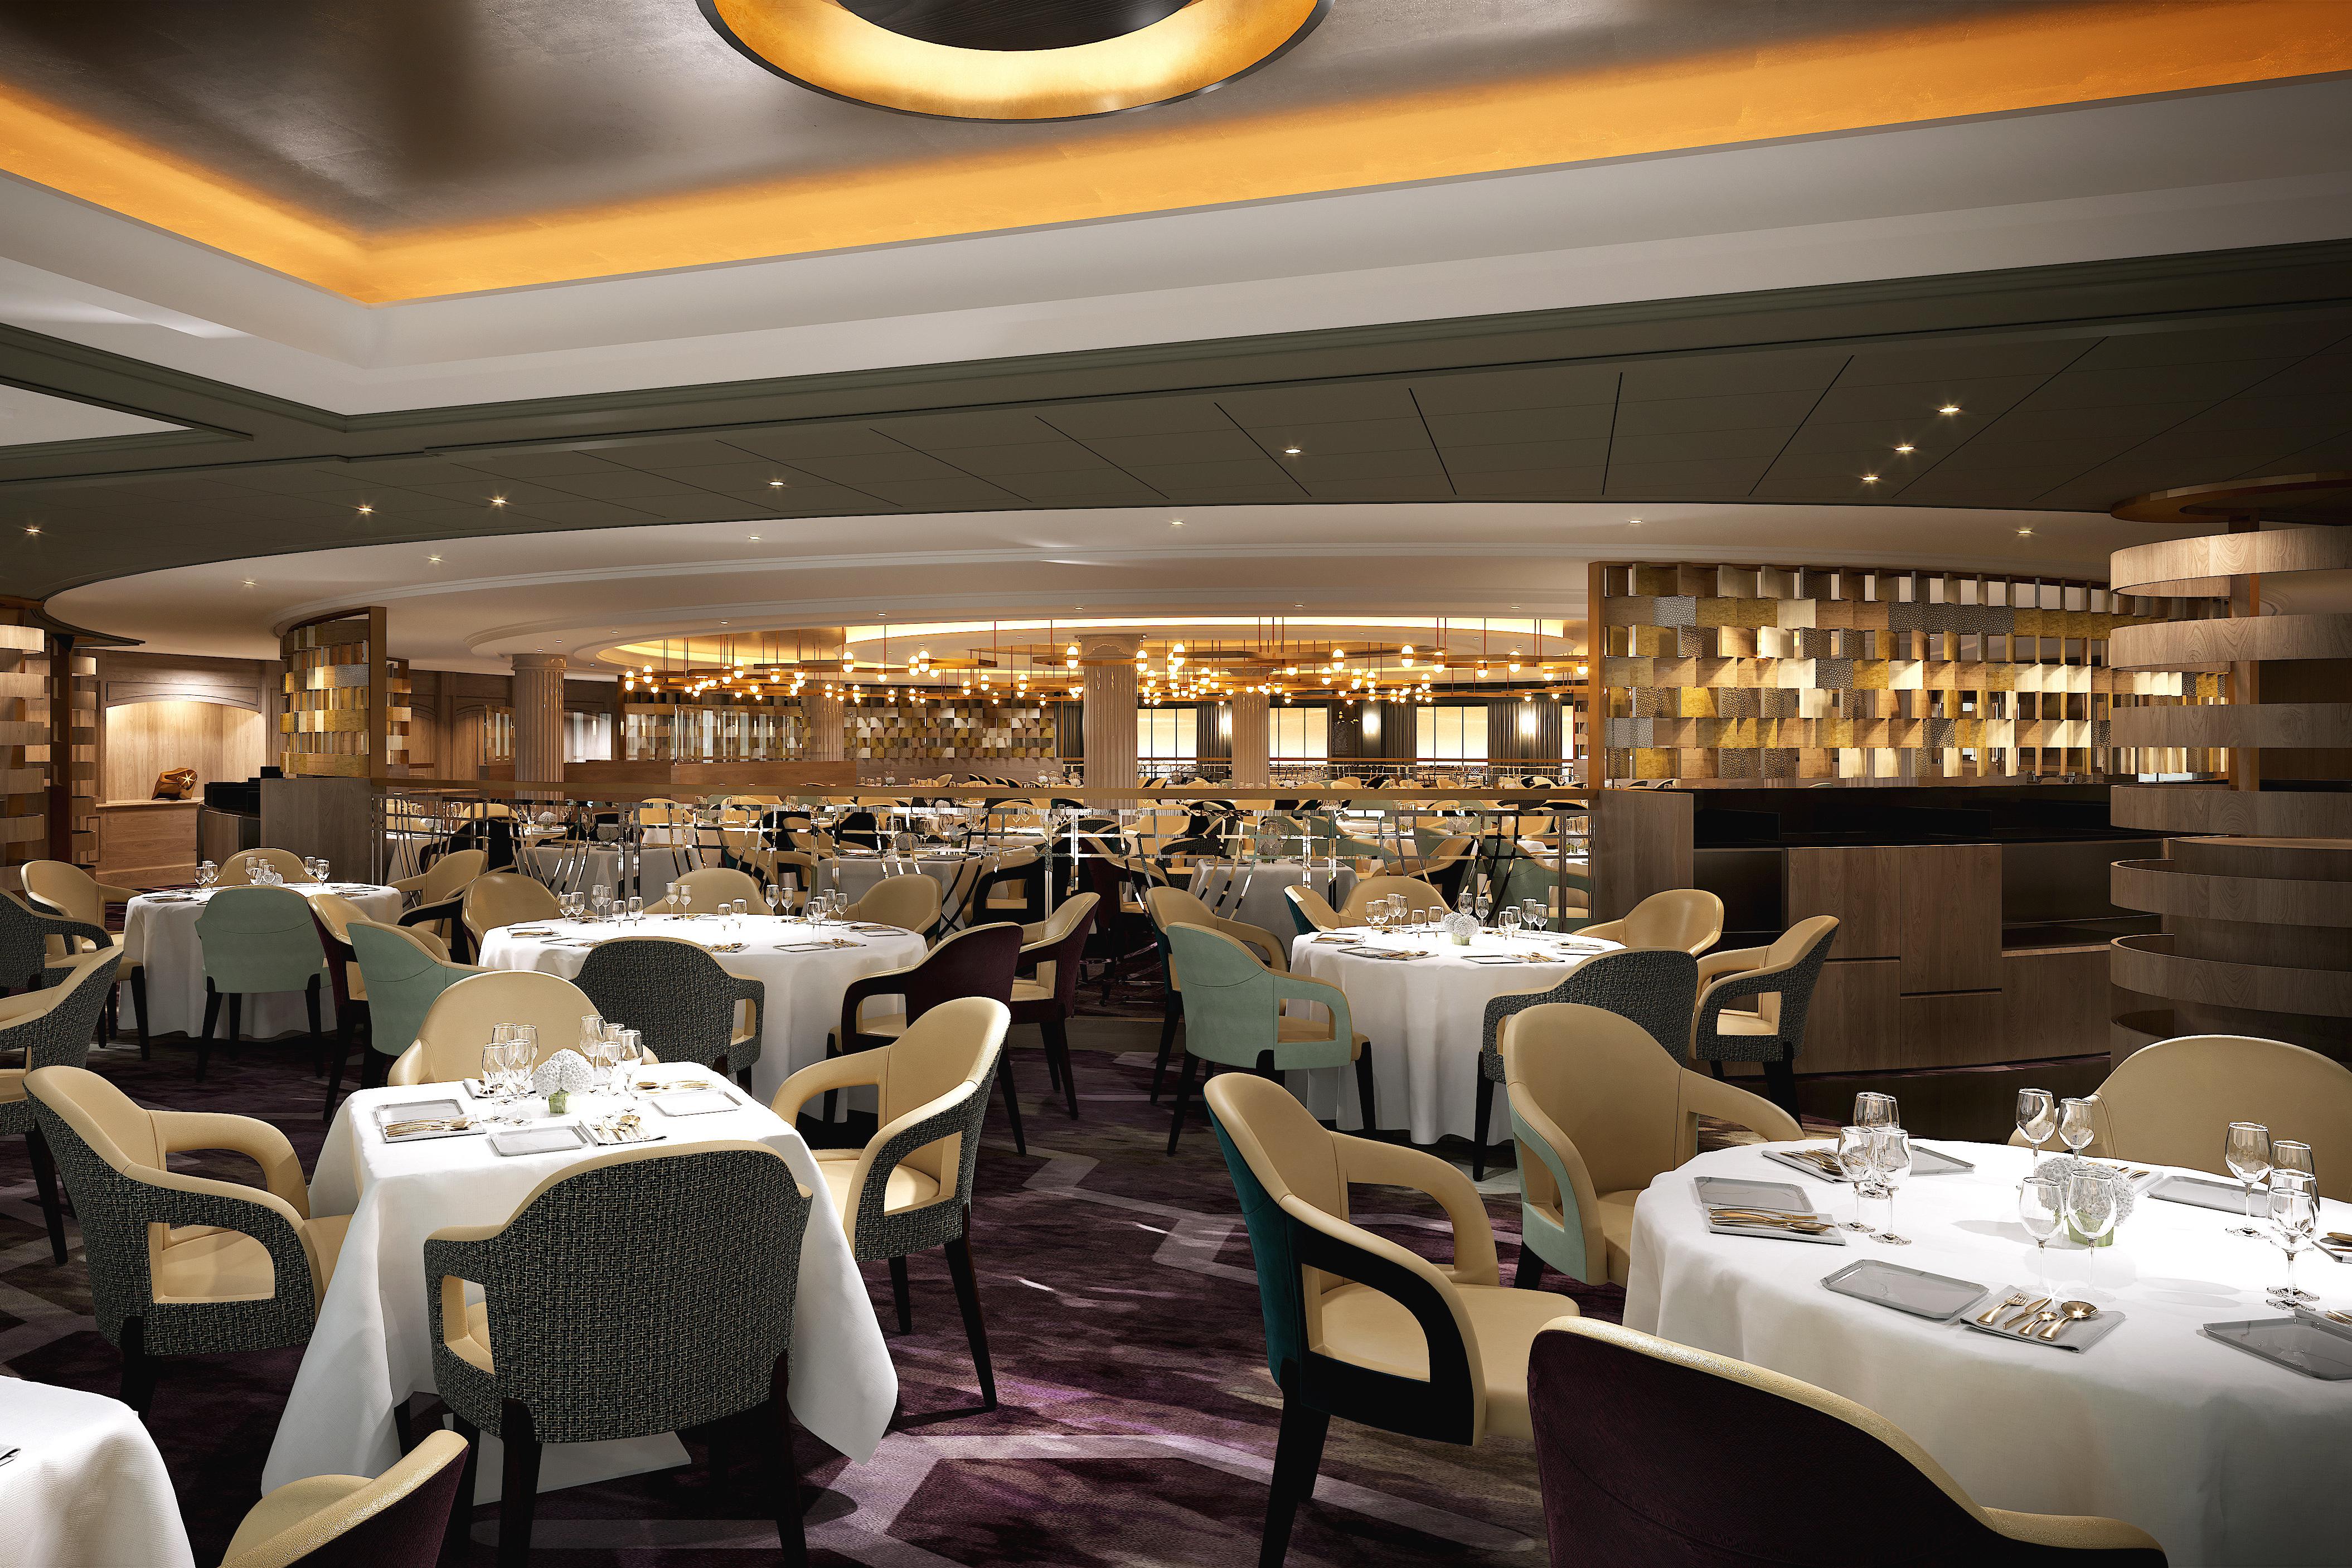 Crystal Serenity - Waterside restaurant